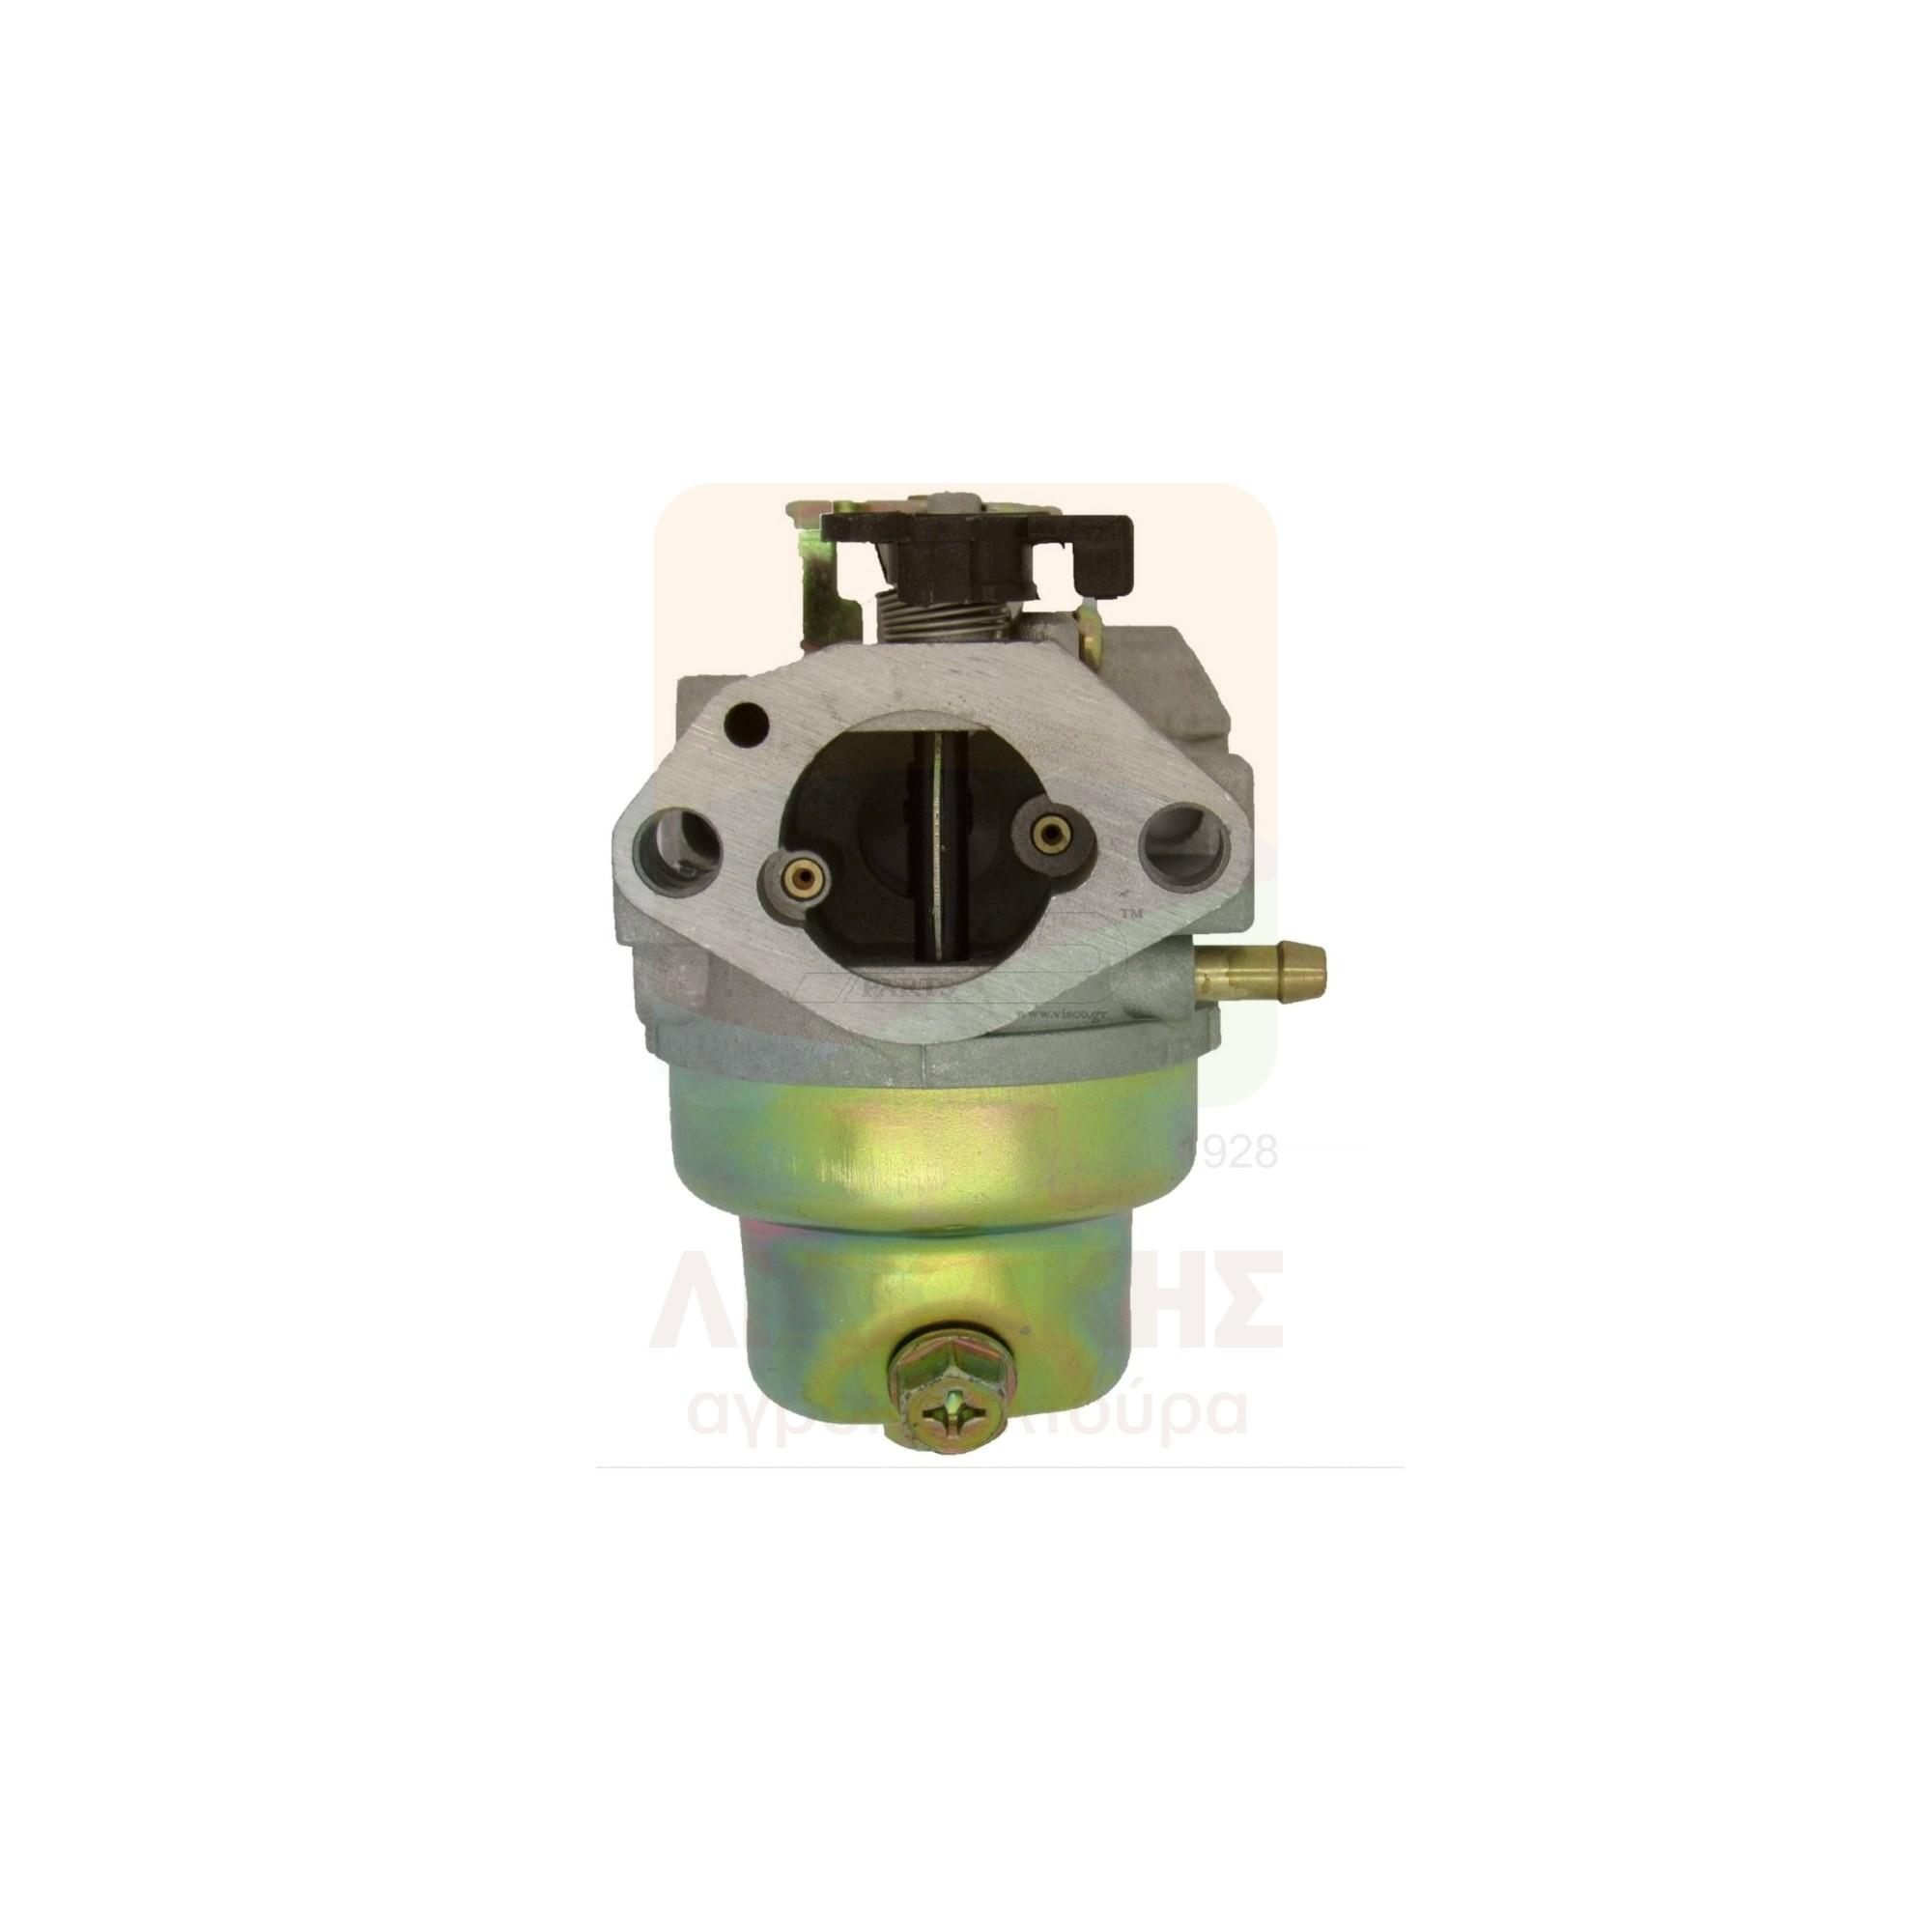 ΚΑΡ-072 Καρμπυρατέρ HONDA GCV 135 – GCV 160 4.5-5.5 HP